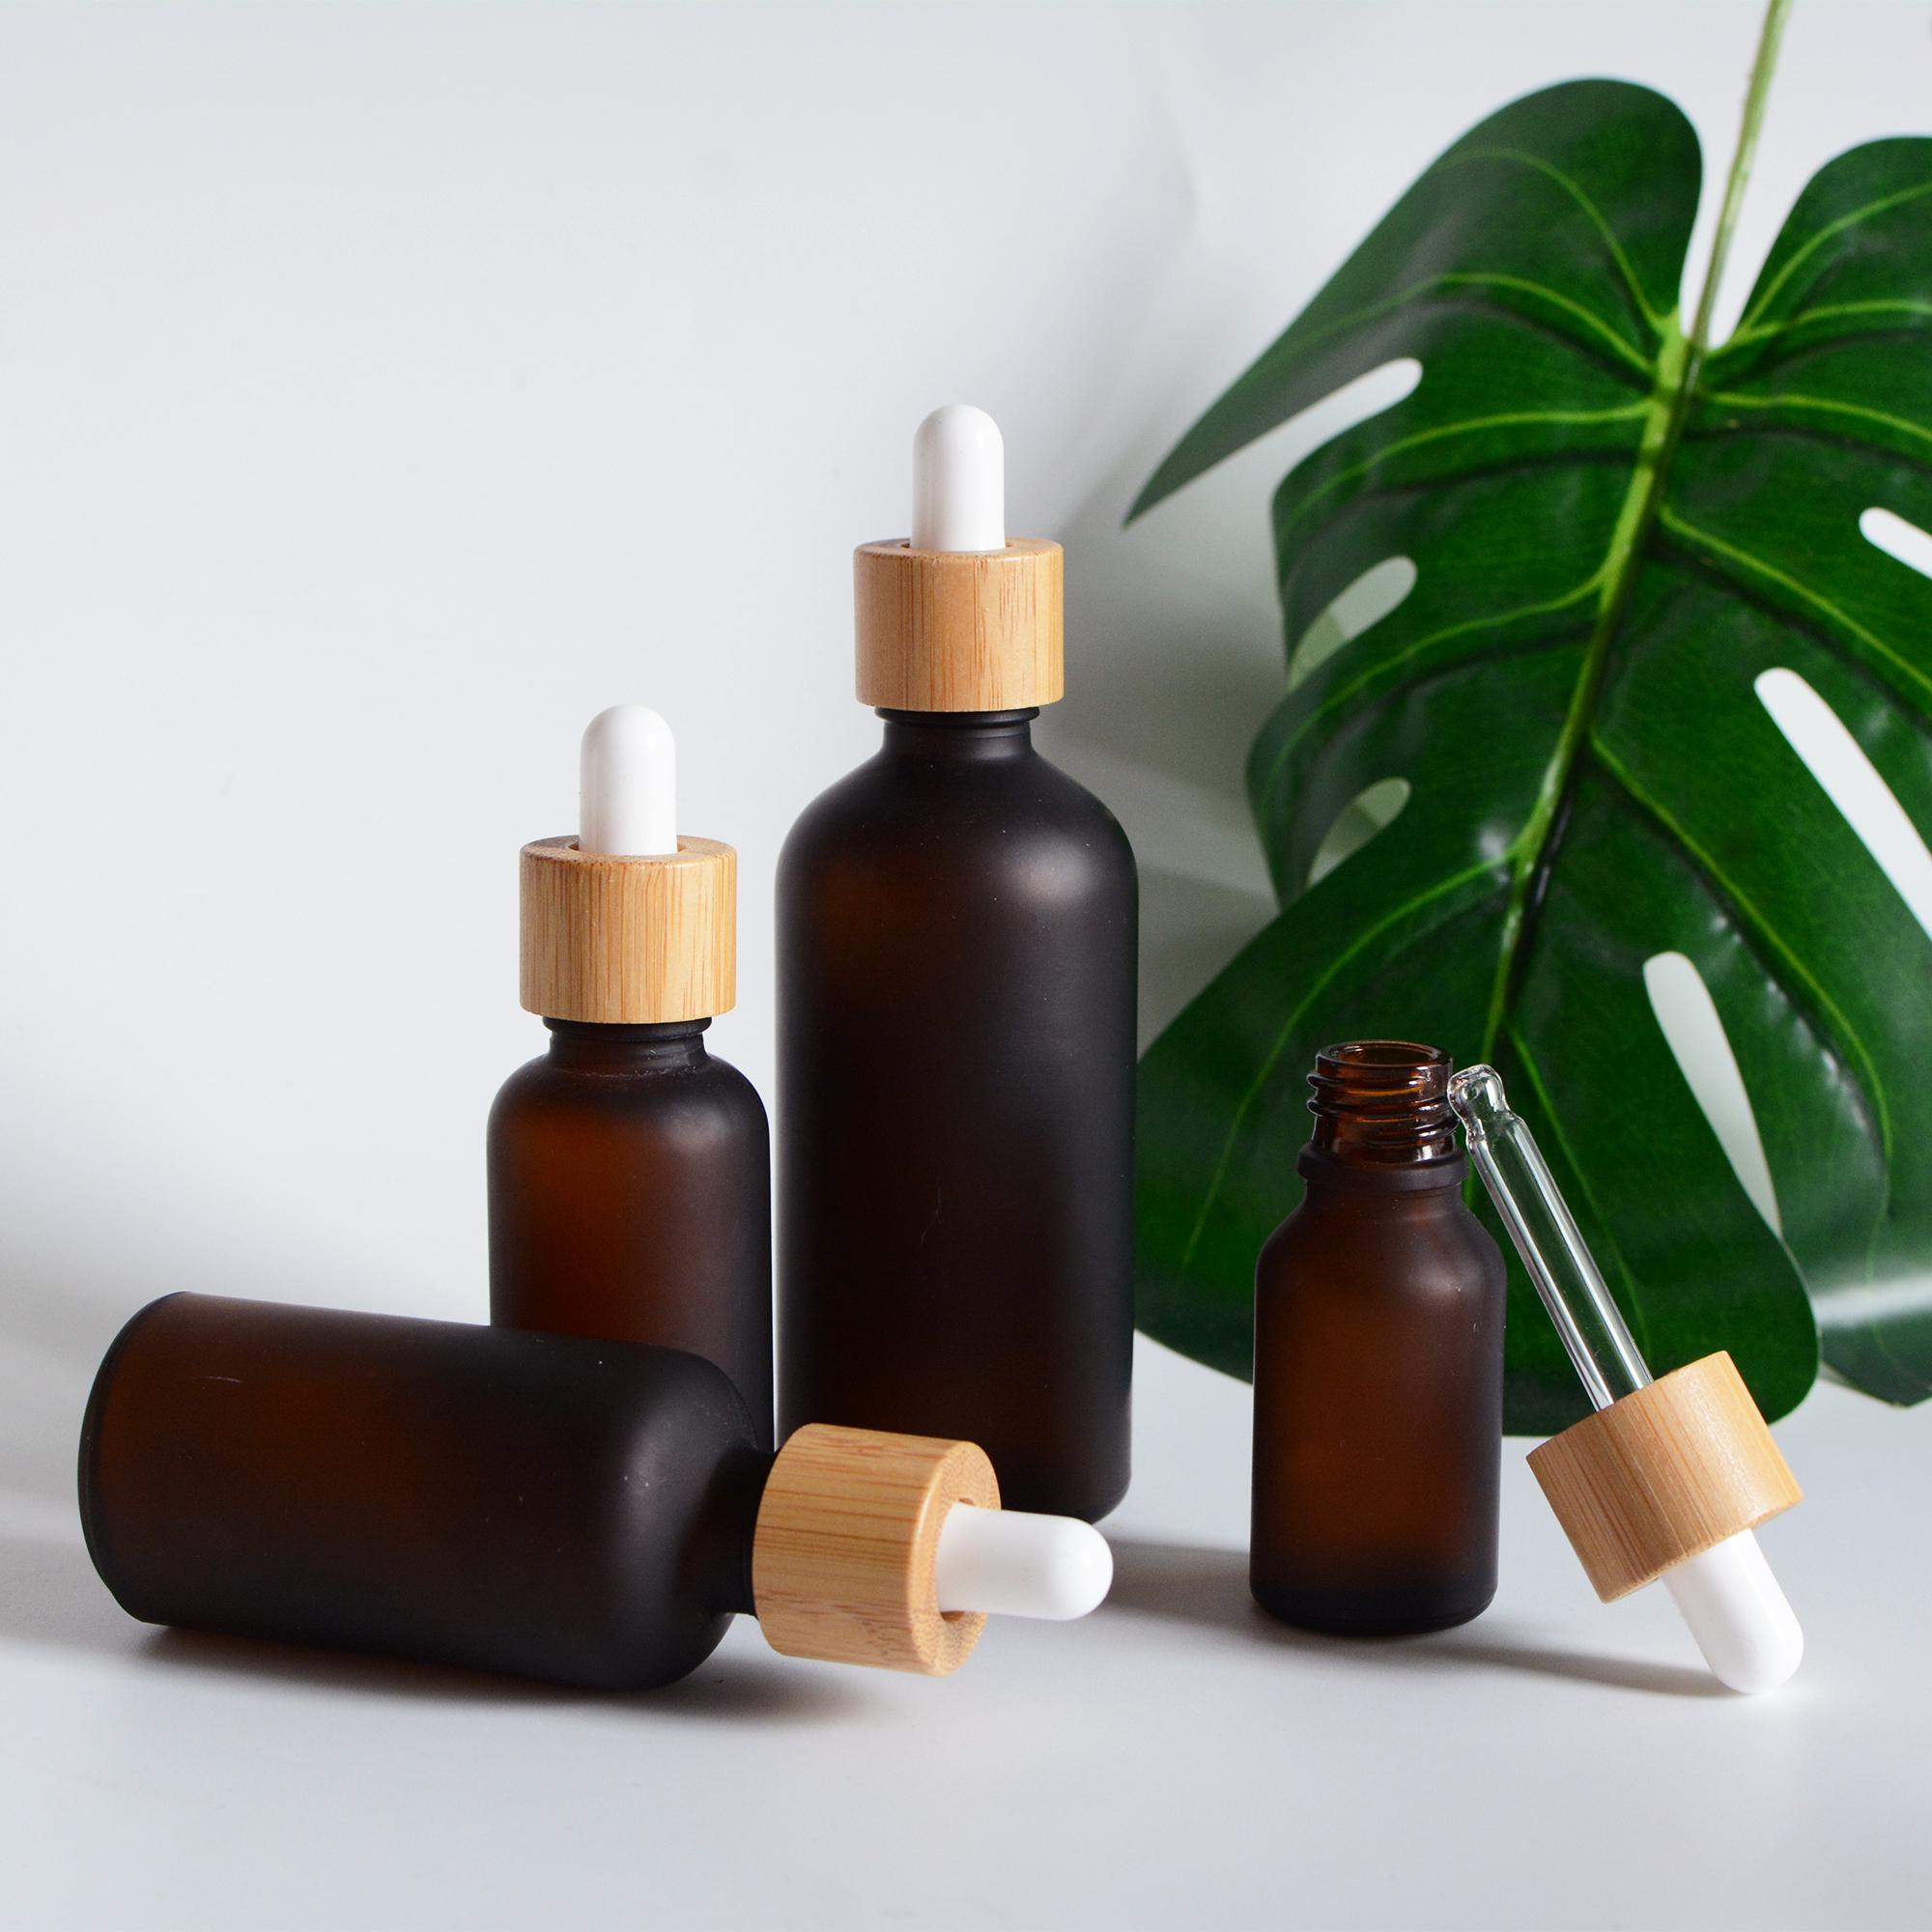 15-100 мл натуральные бамбуковые деревянные бутылки капельницы, матовые янтарные эфирные эфирные контейнеры, лечение красота косметическая упаковка, оптом